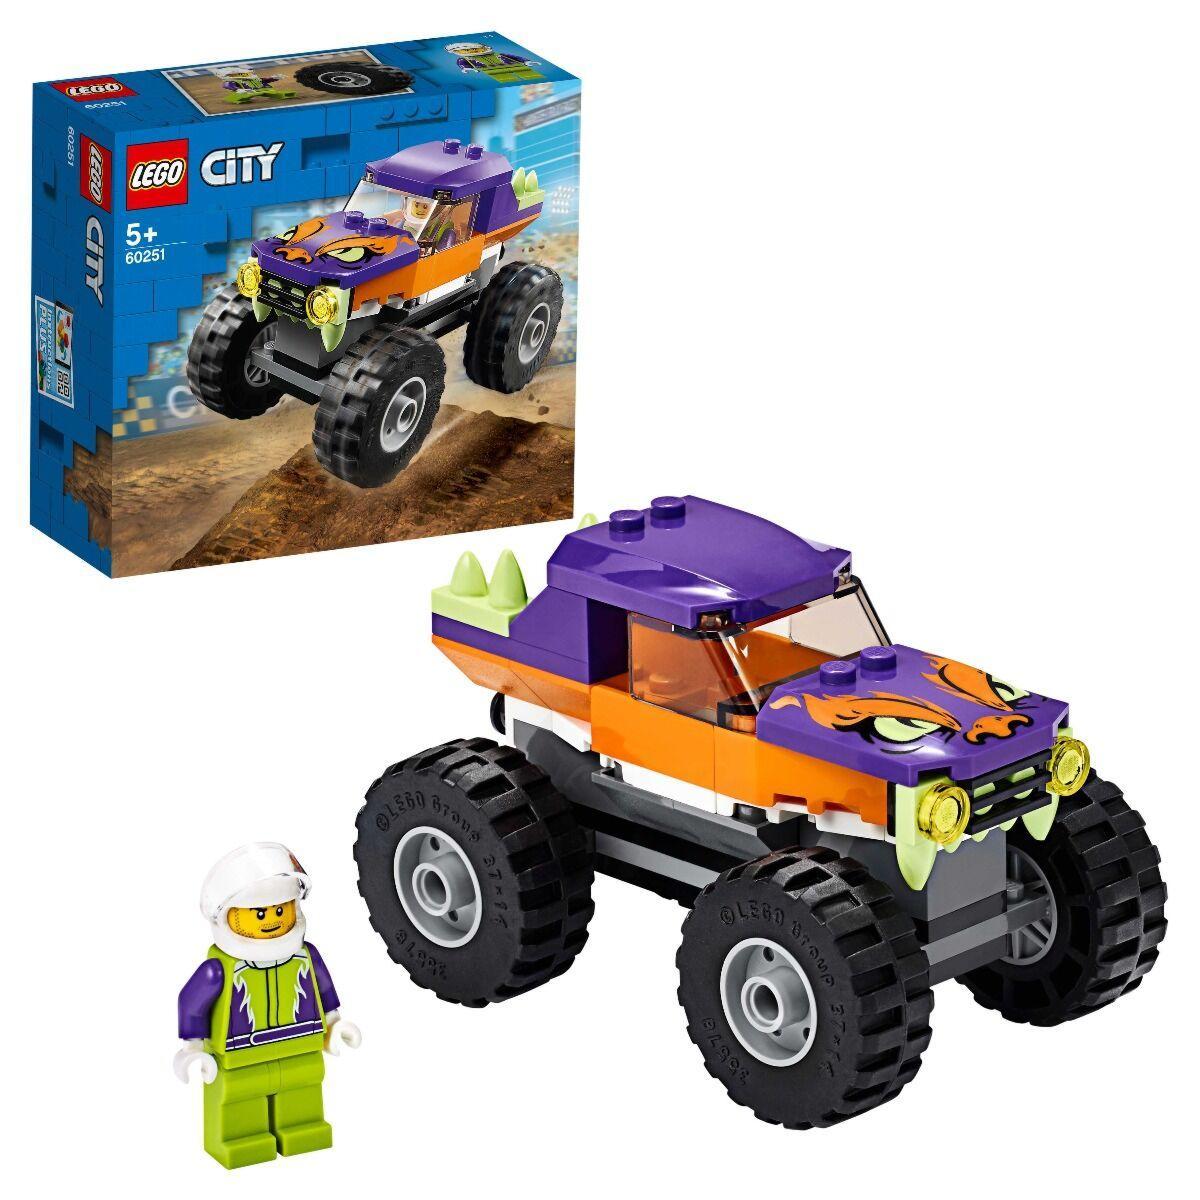 LEGO: Монстр-трак CITY 60251